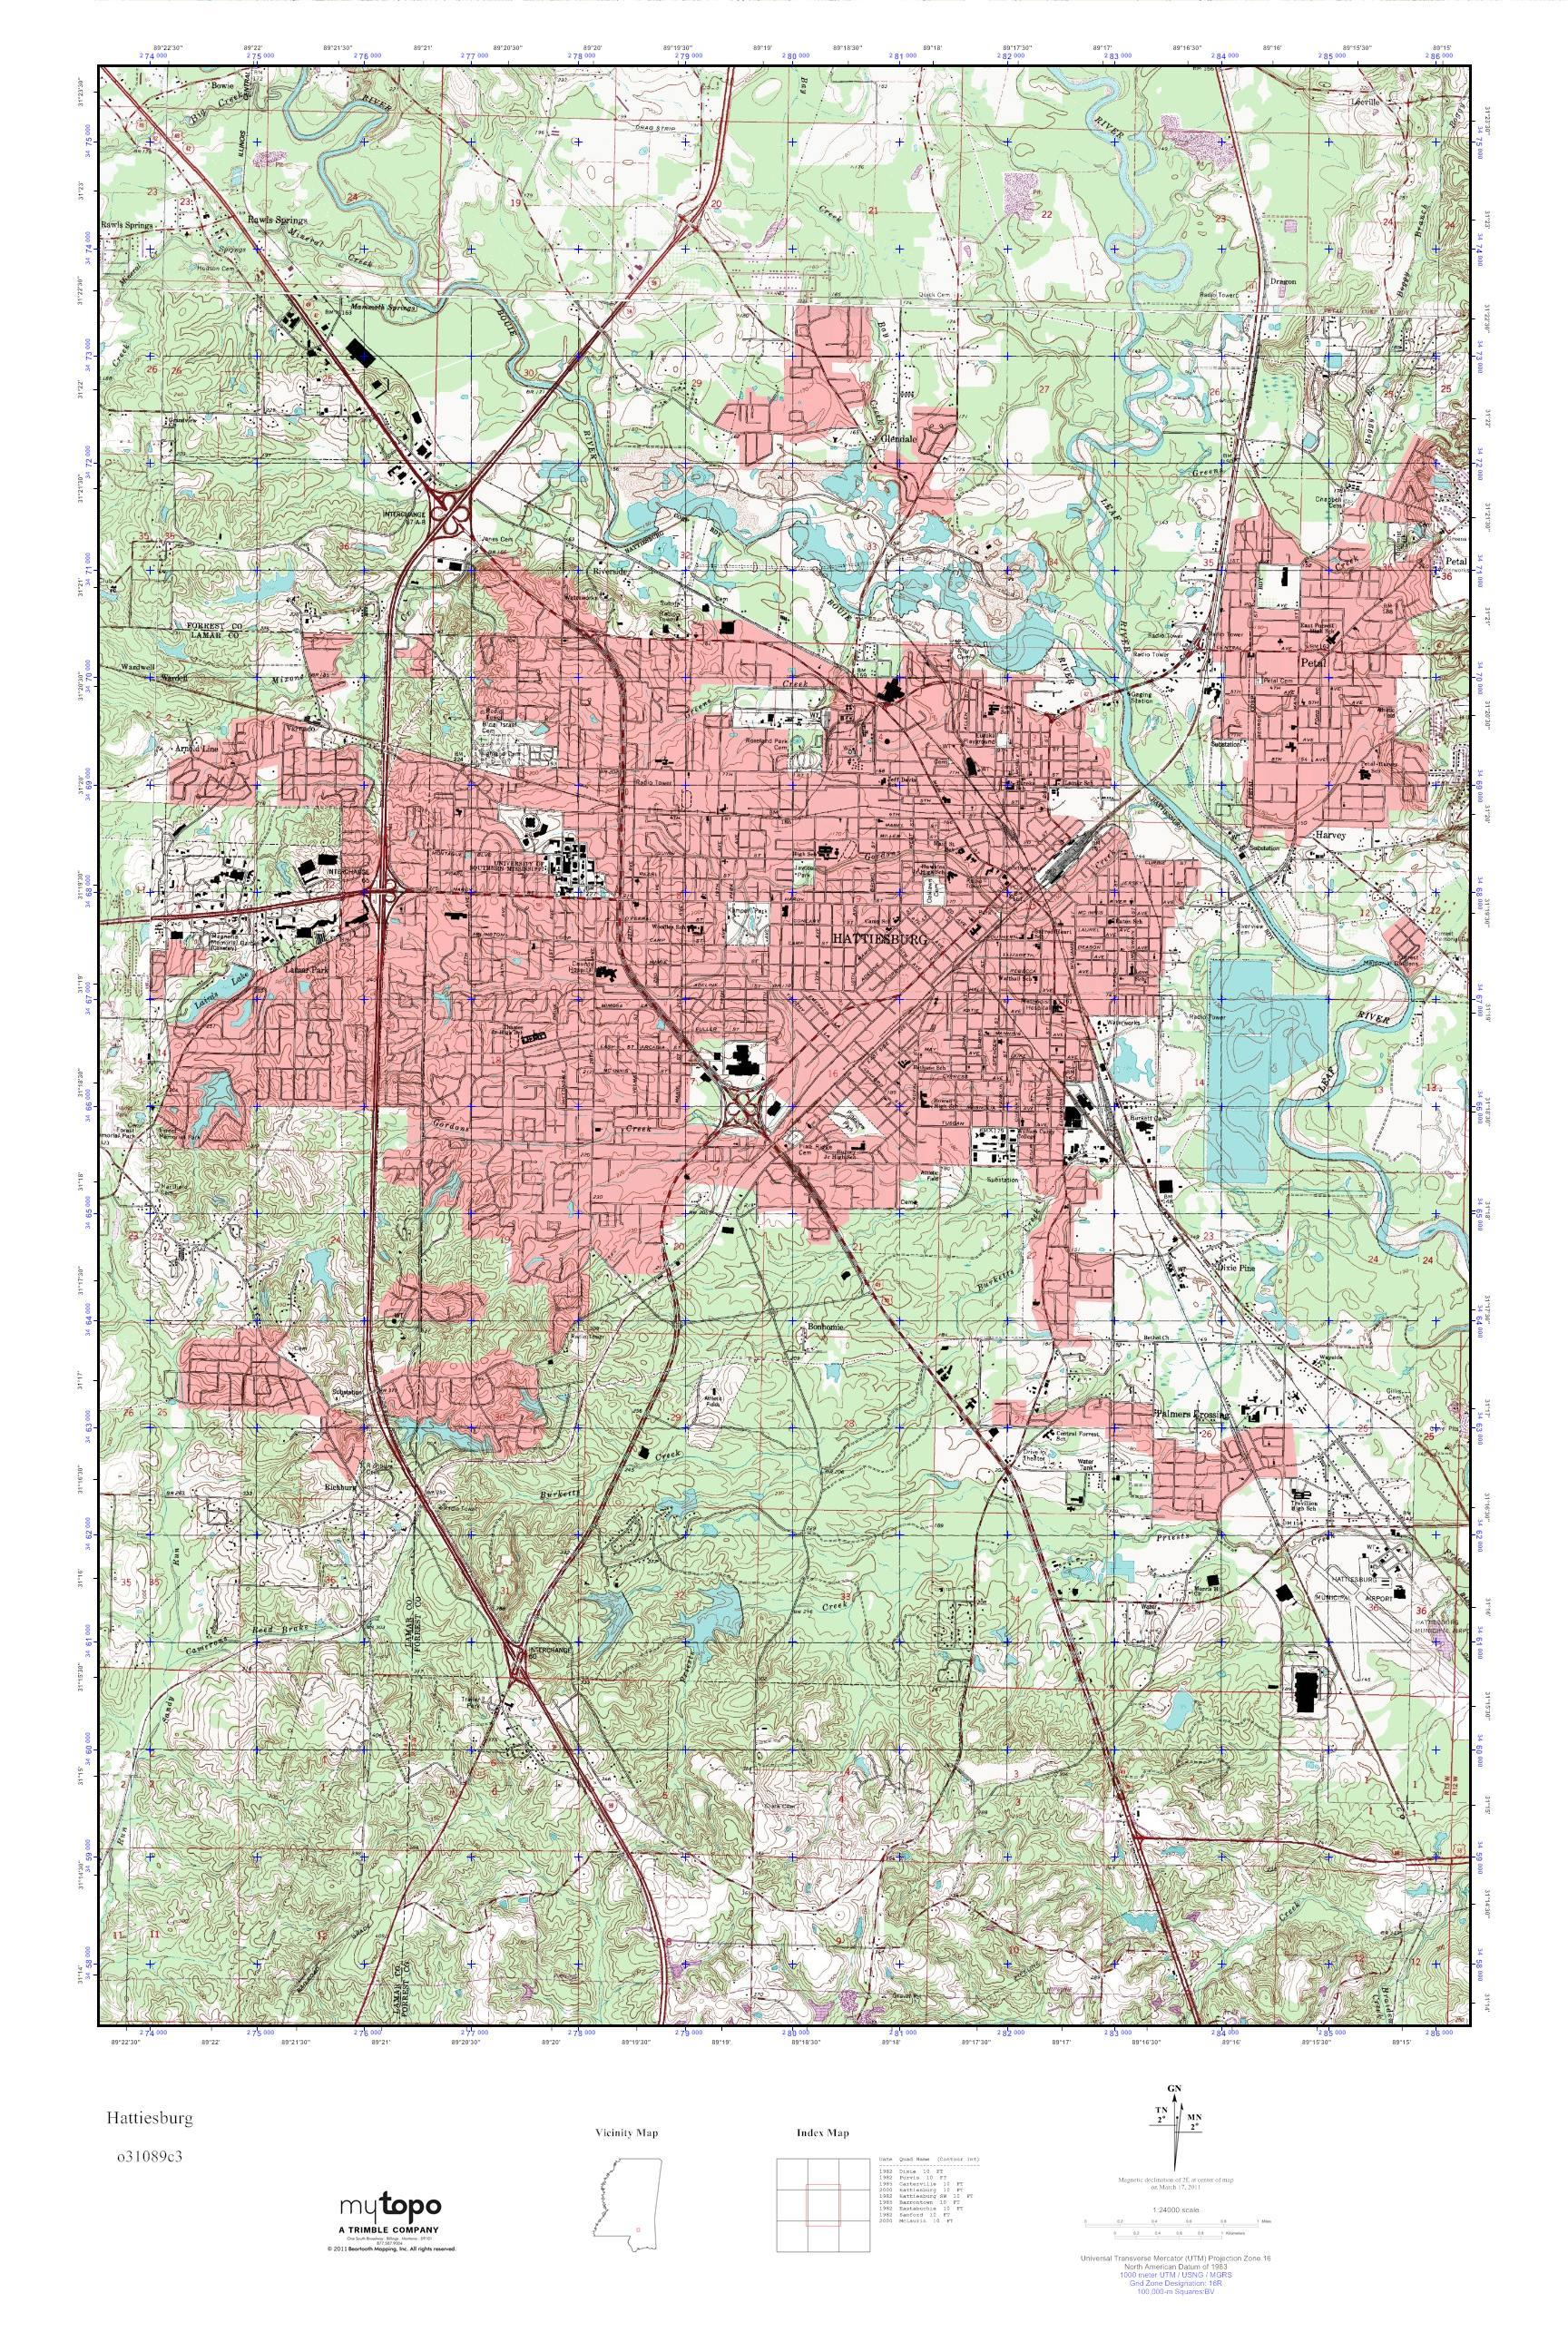 MyTopo Hattiesburg, Mississippi USGS Quad Topo Map